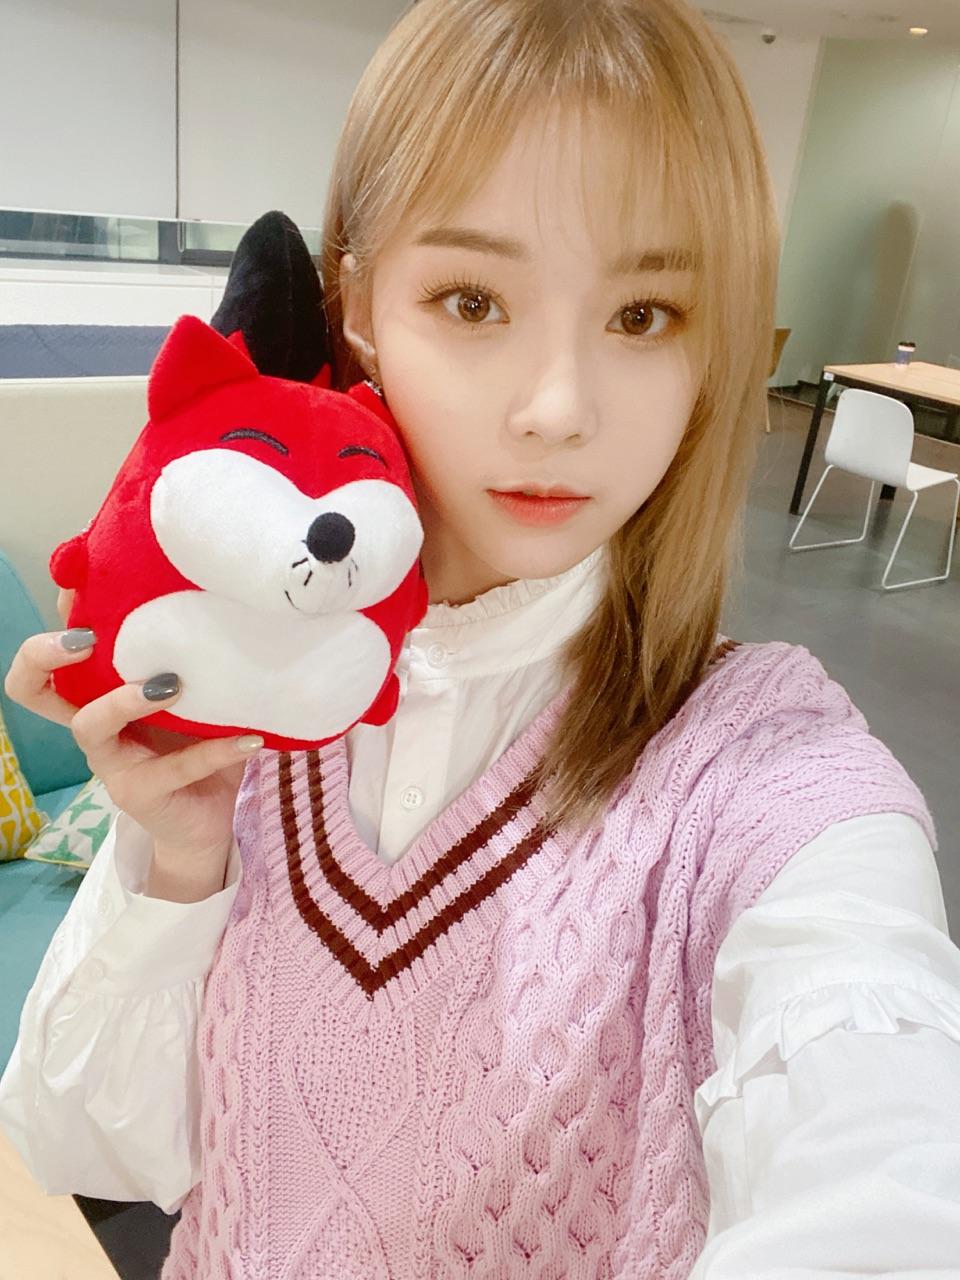 kpop, winter, and kim minjeong image